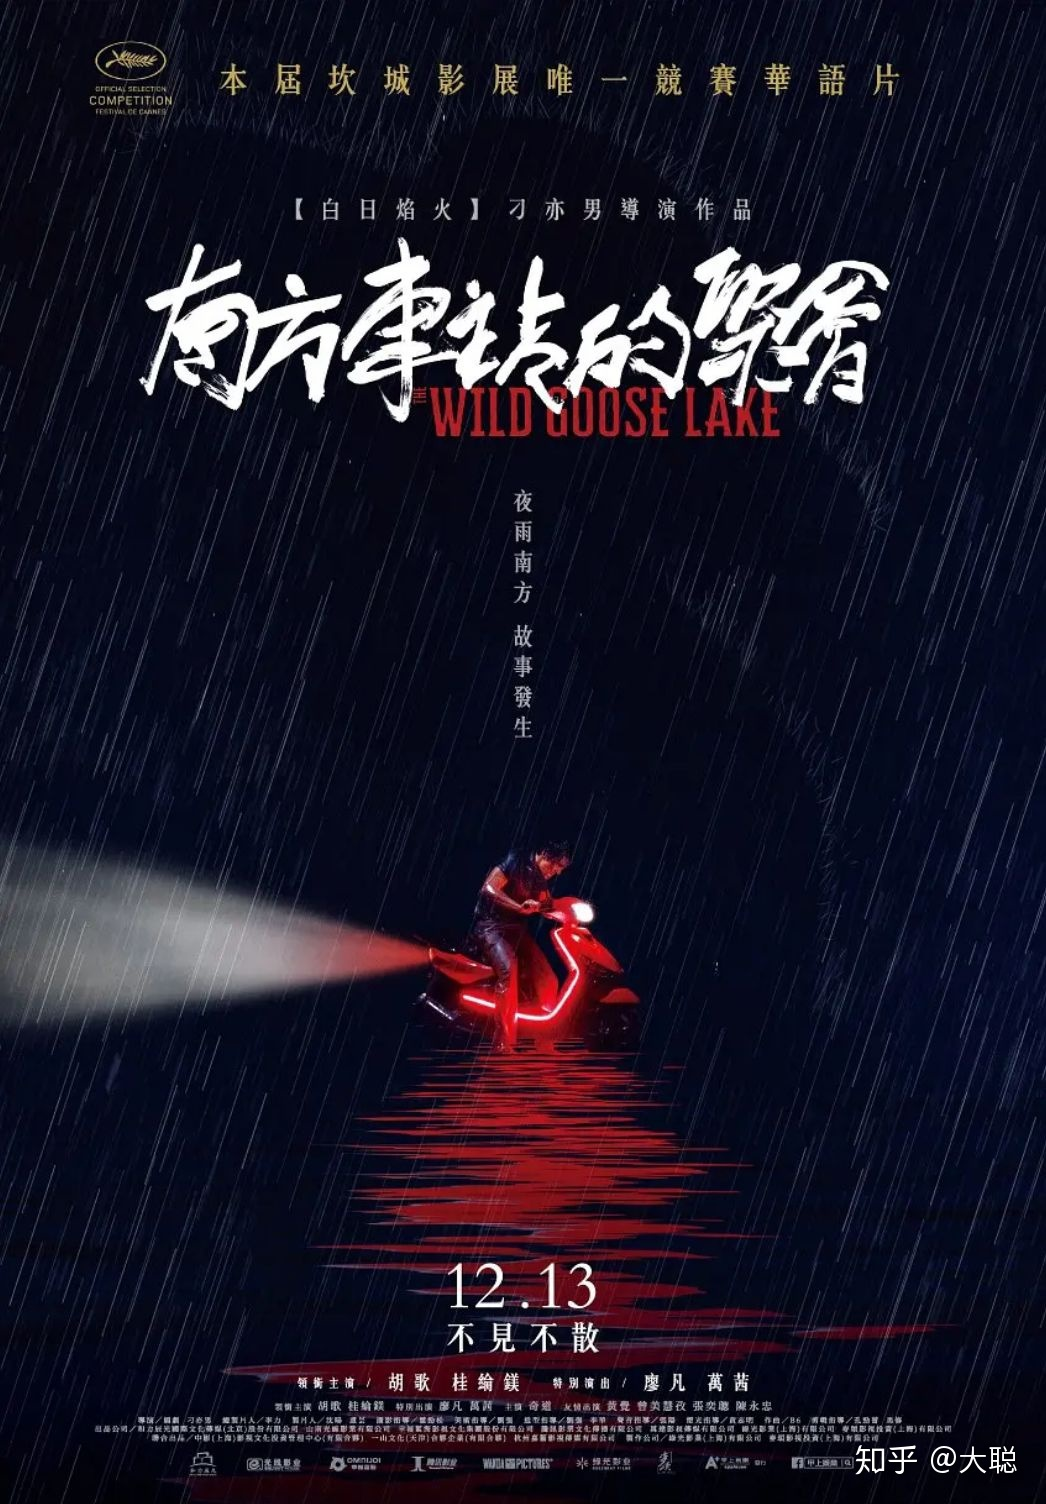 2019年华语电影排行_十一观影不用愁 这几部电影让你国庆嗨不停